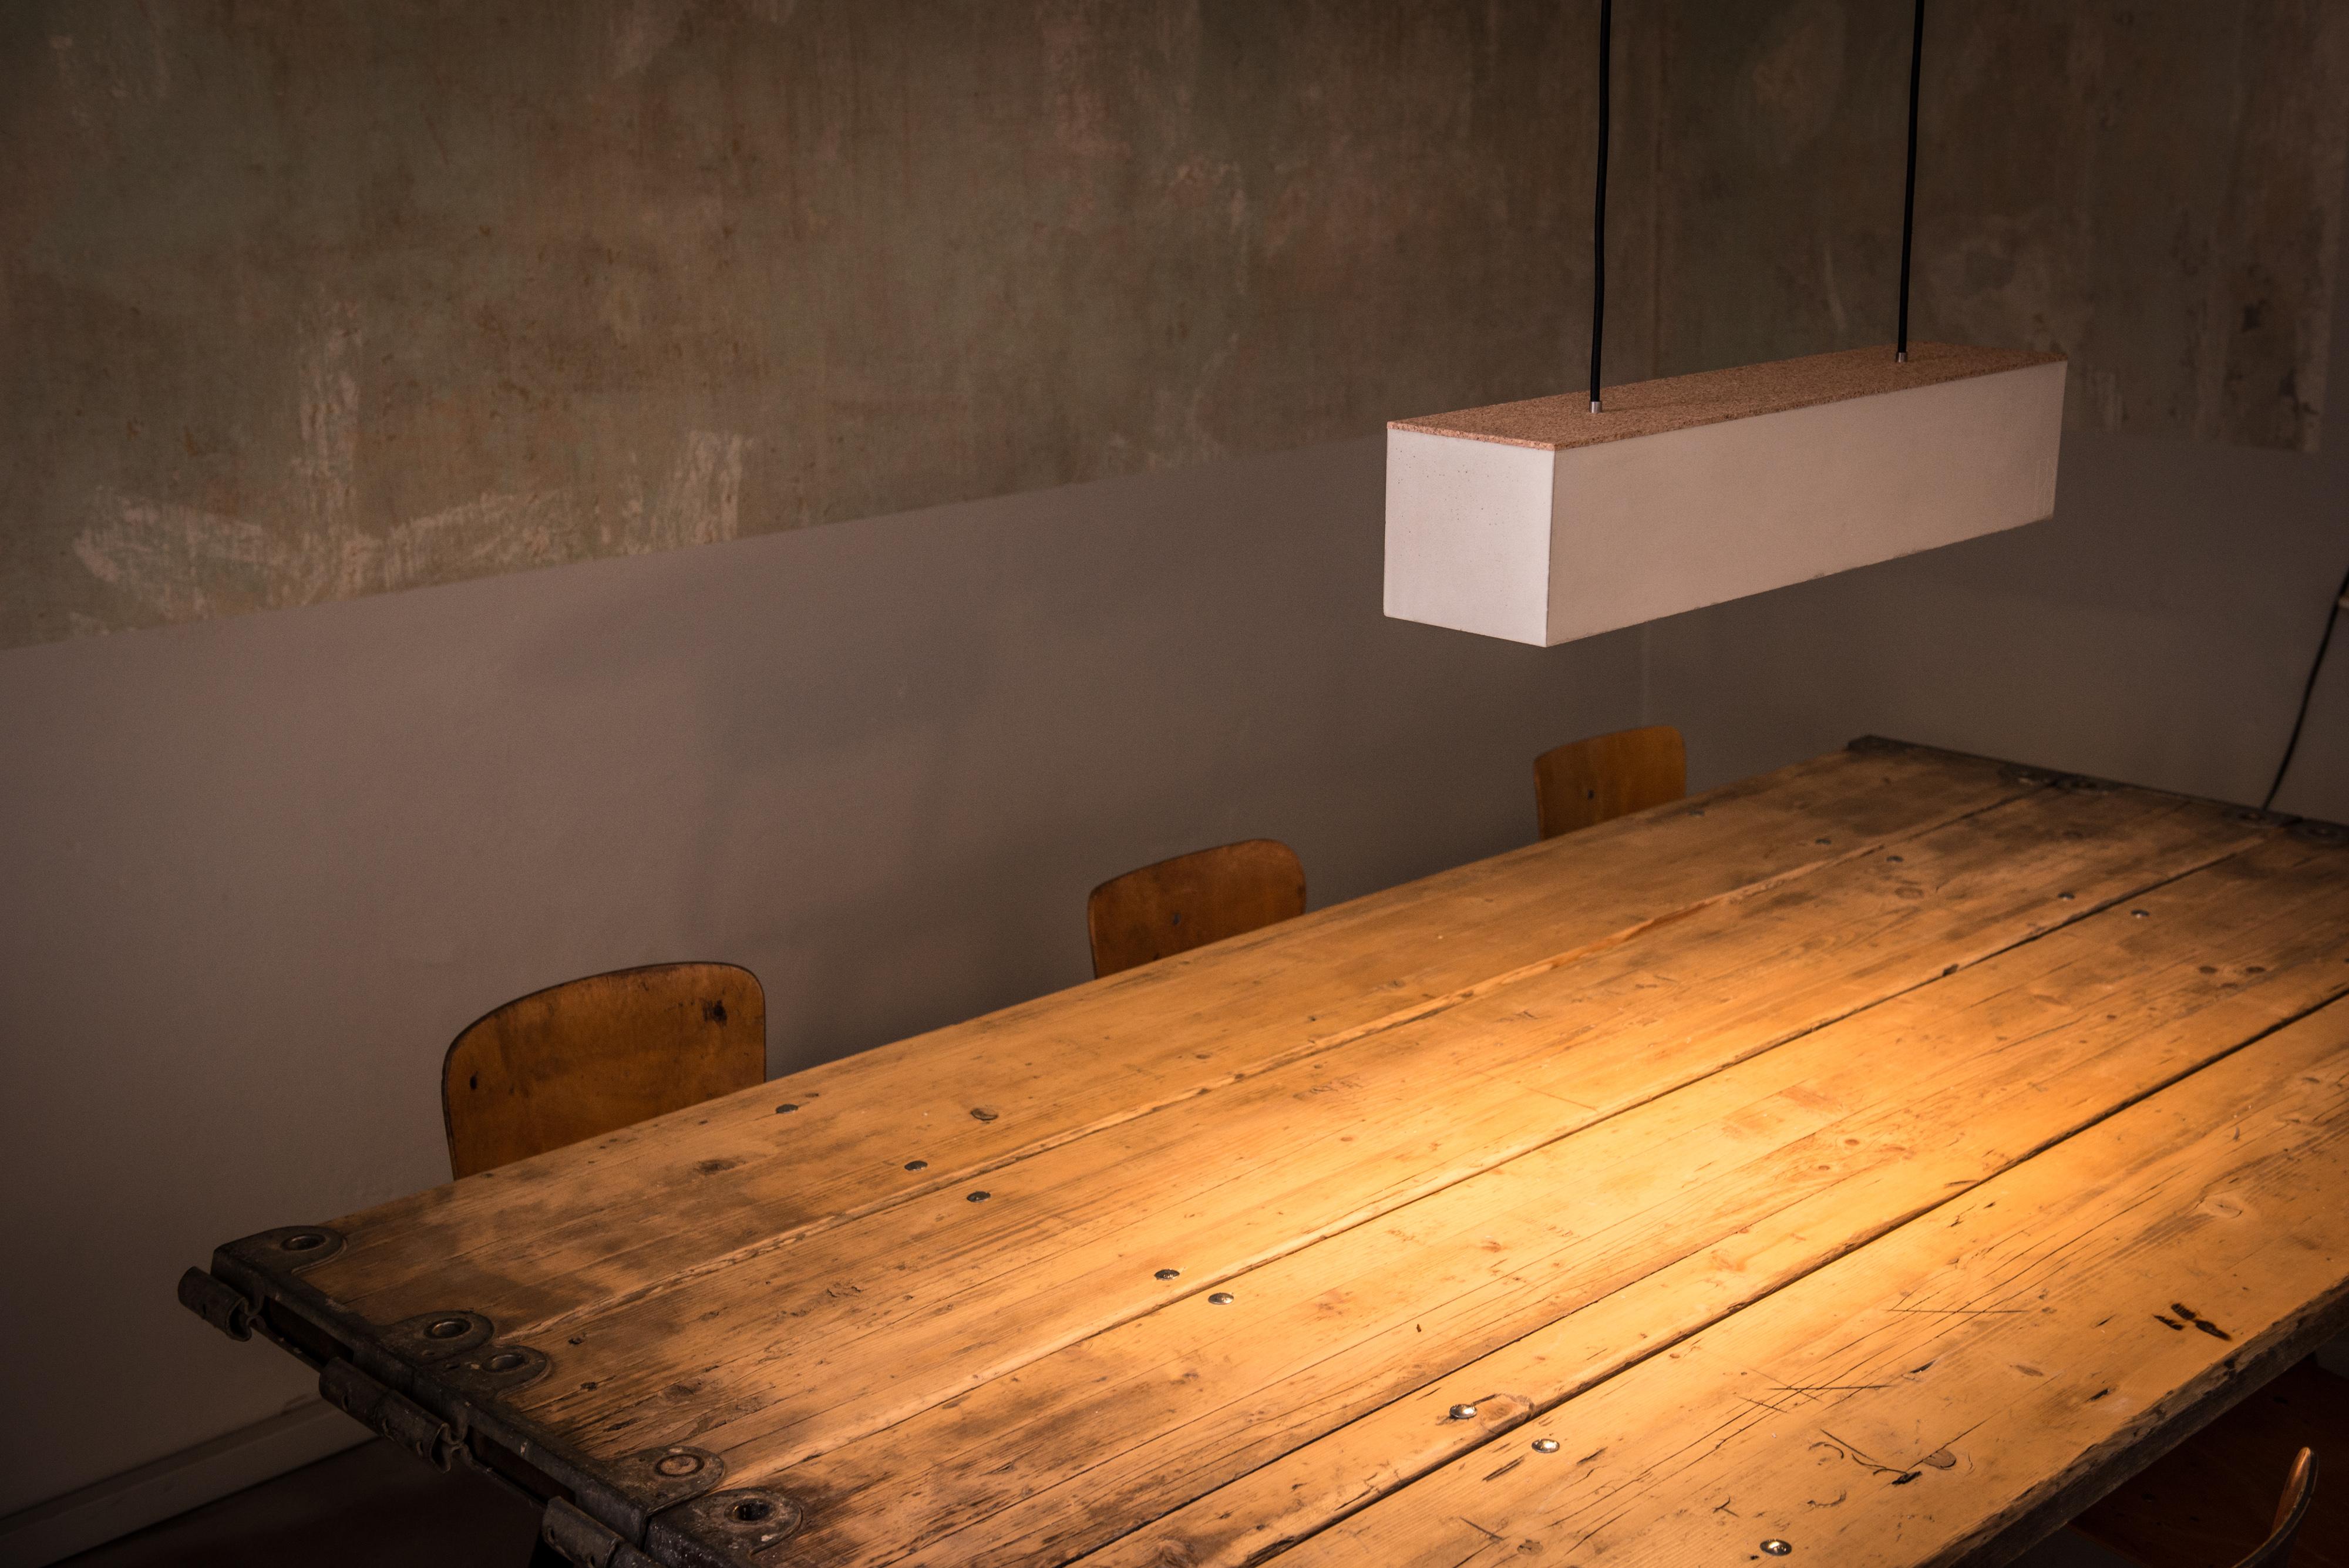 Beton-Hängeleuchte FRIEDRICH aus der Heine & Becker Manufaktur